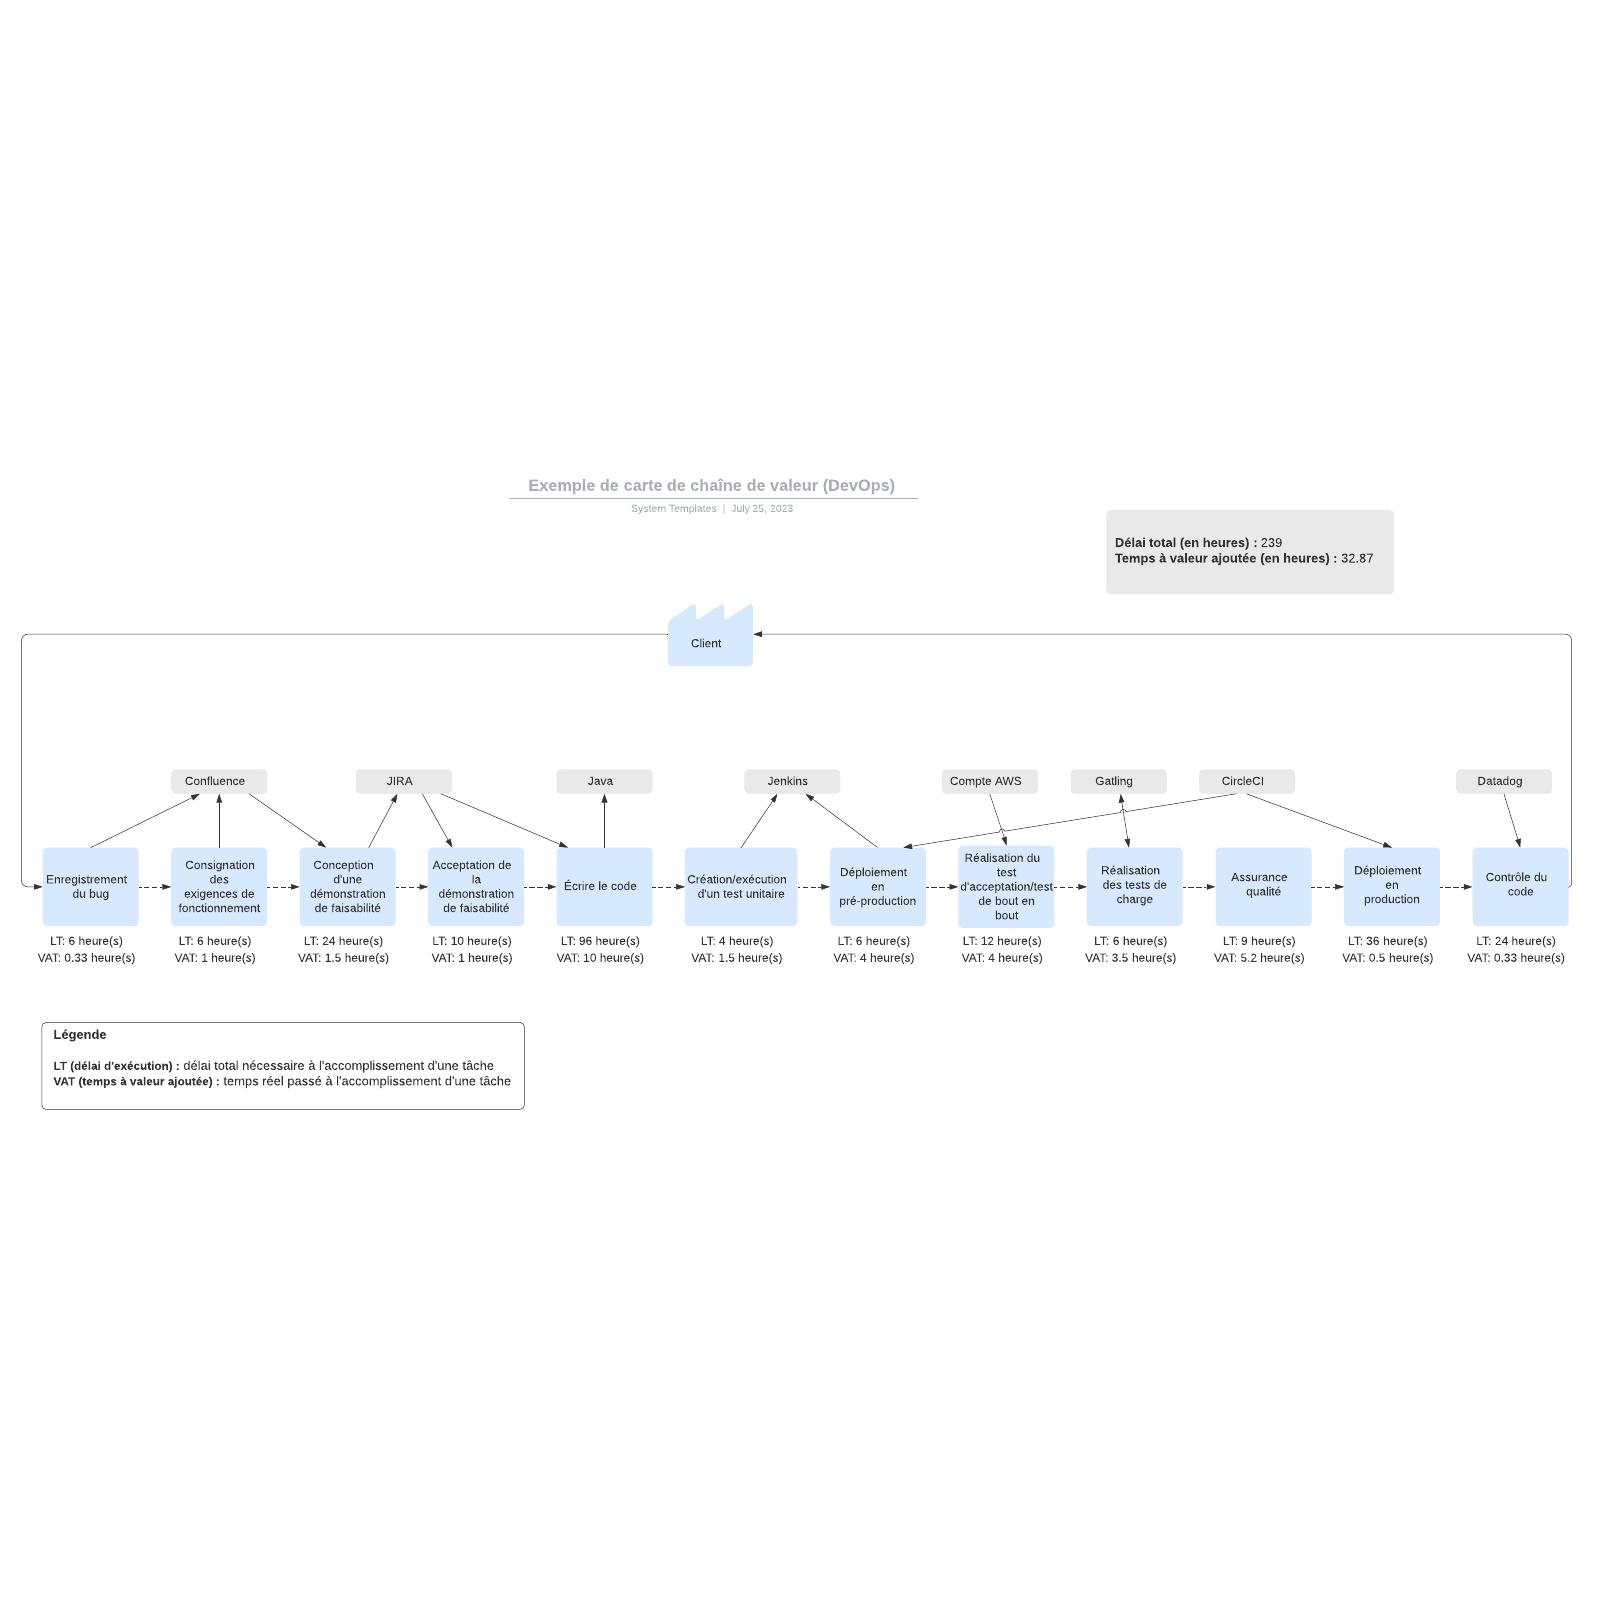 exemple de carte de chaîne de valeur (DevOps)